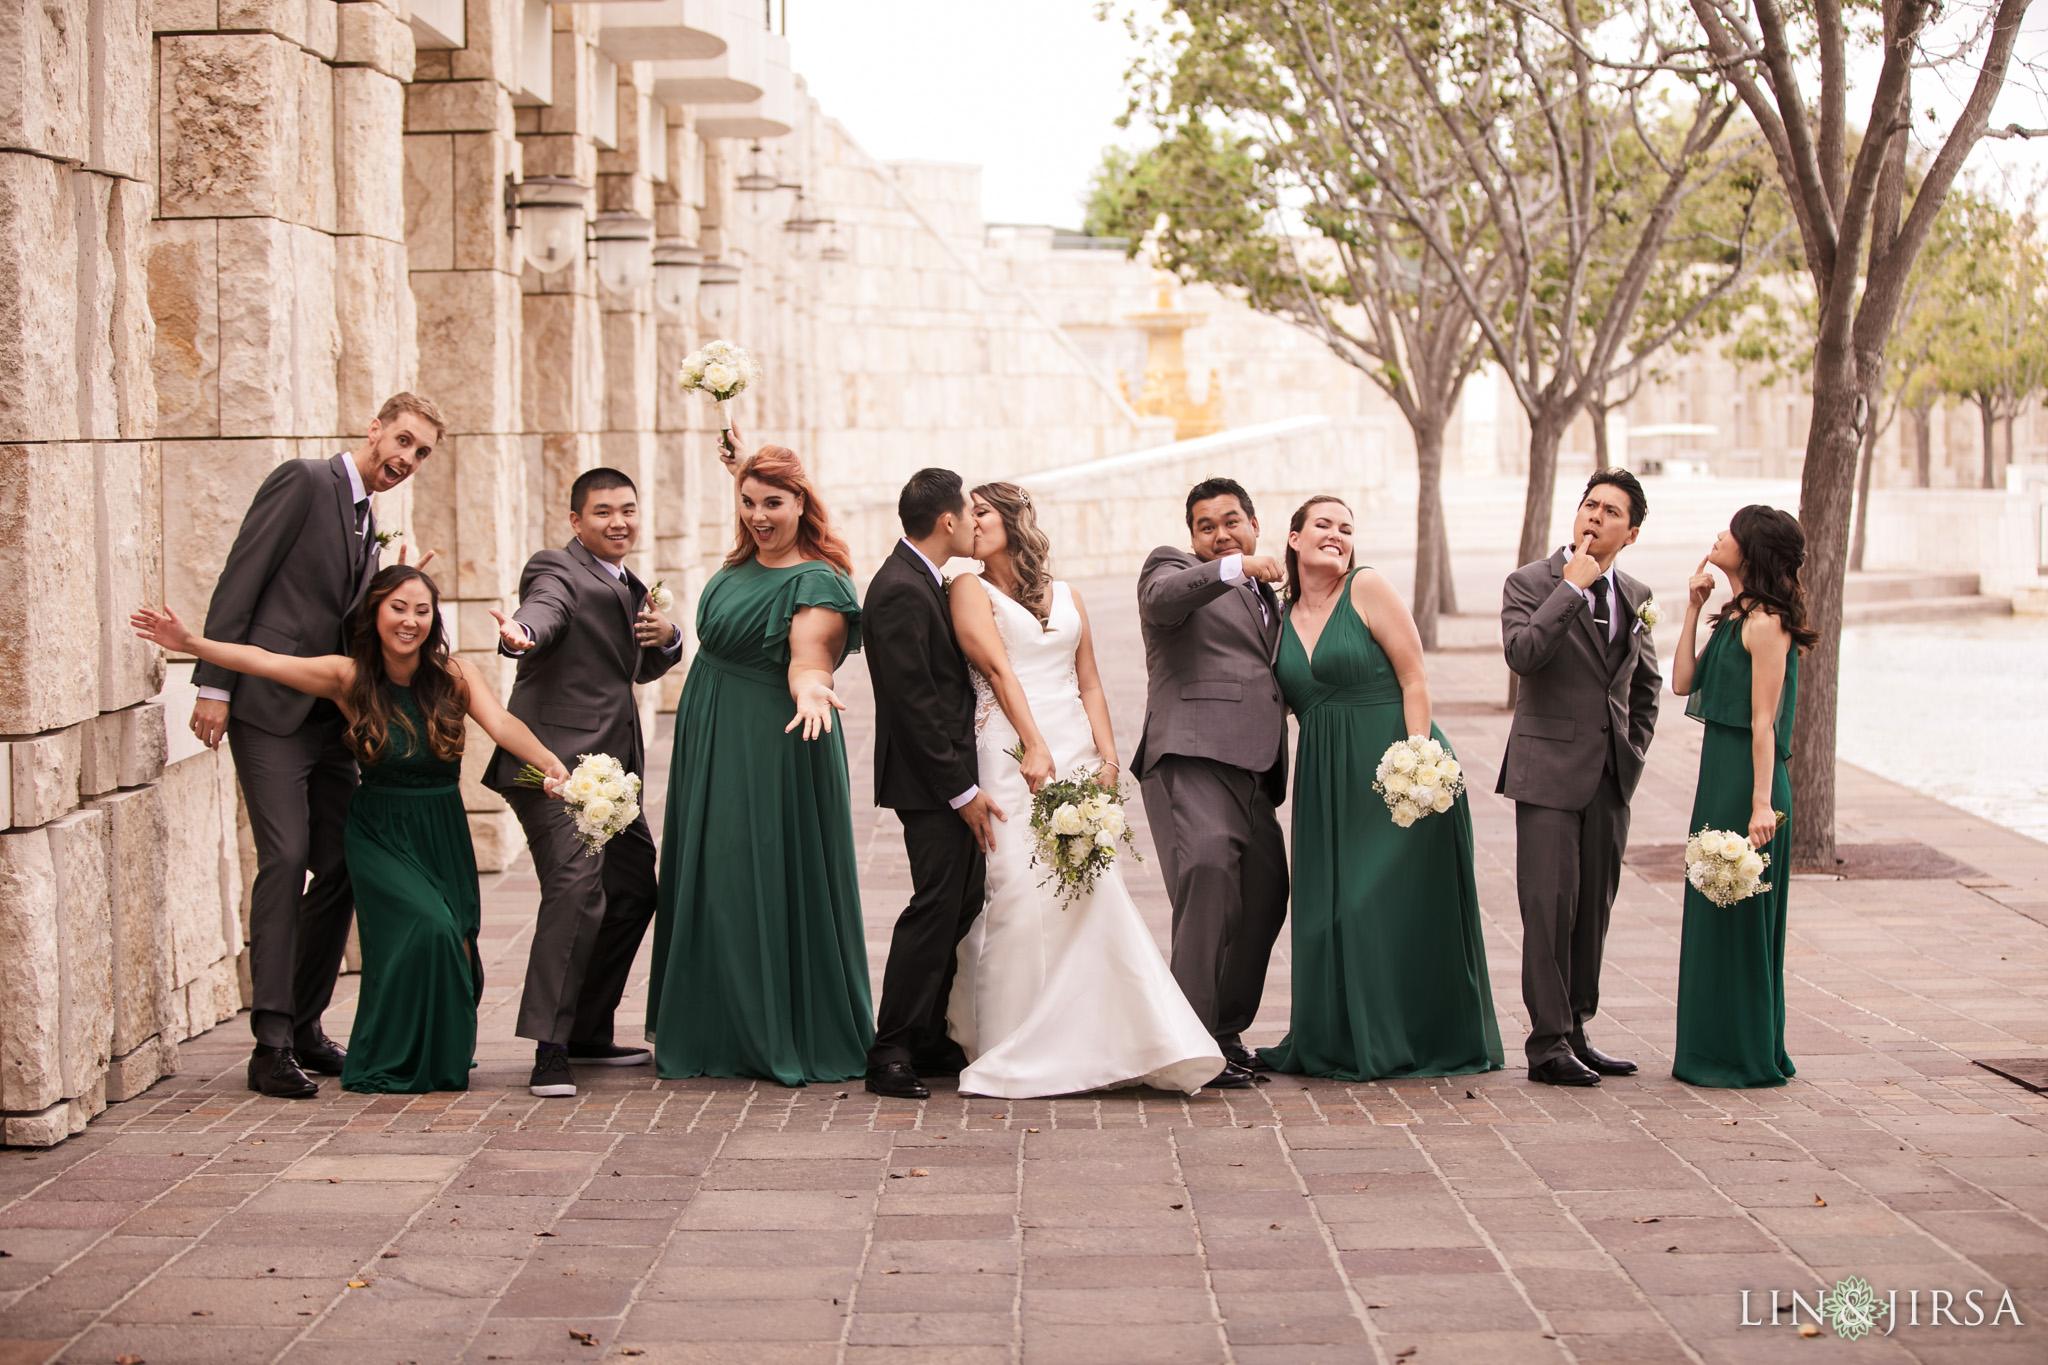 0212 AA Coto de Caza Golf and Racquet Club Orange County Wedding Photography